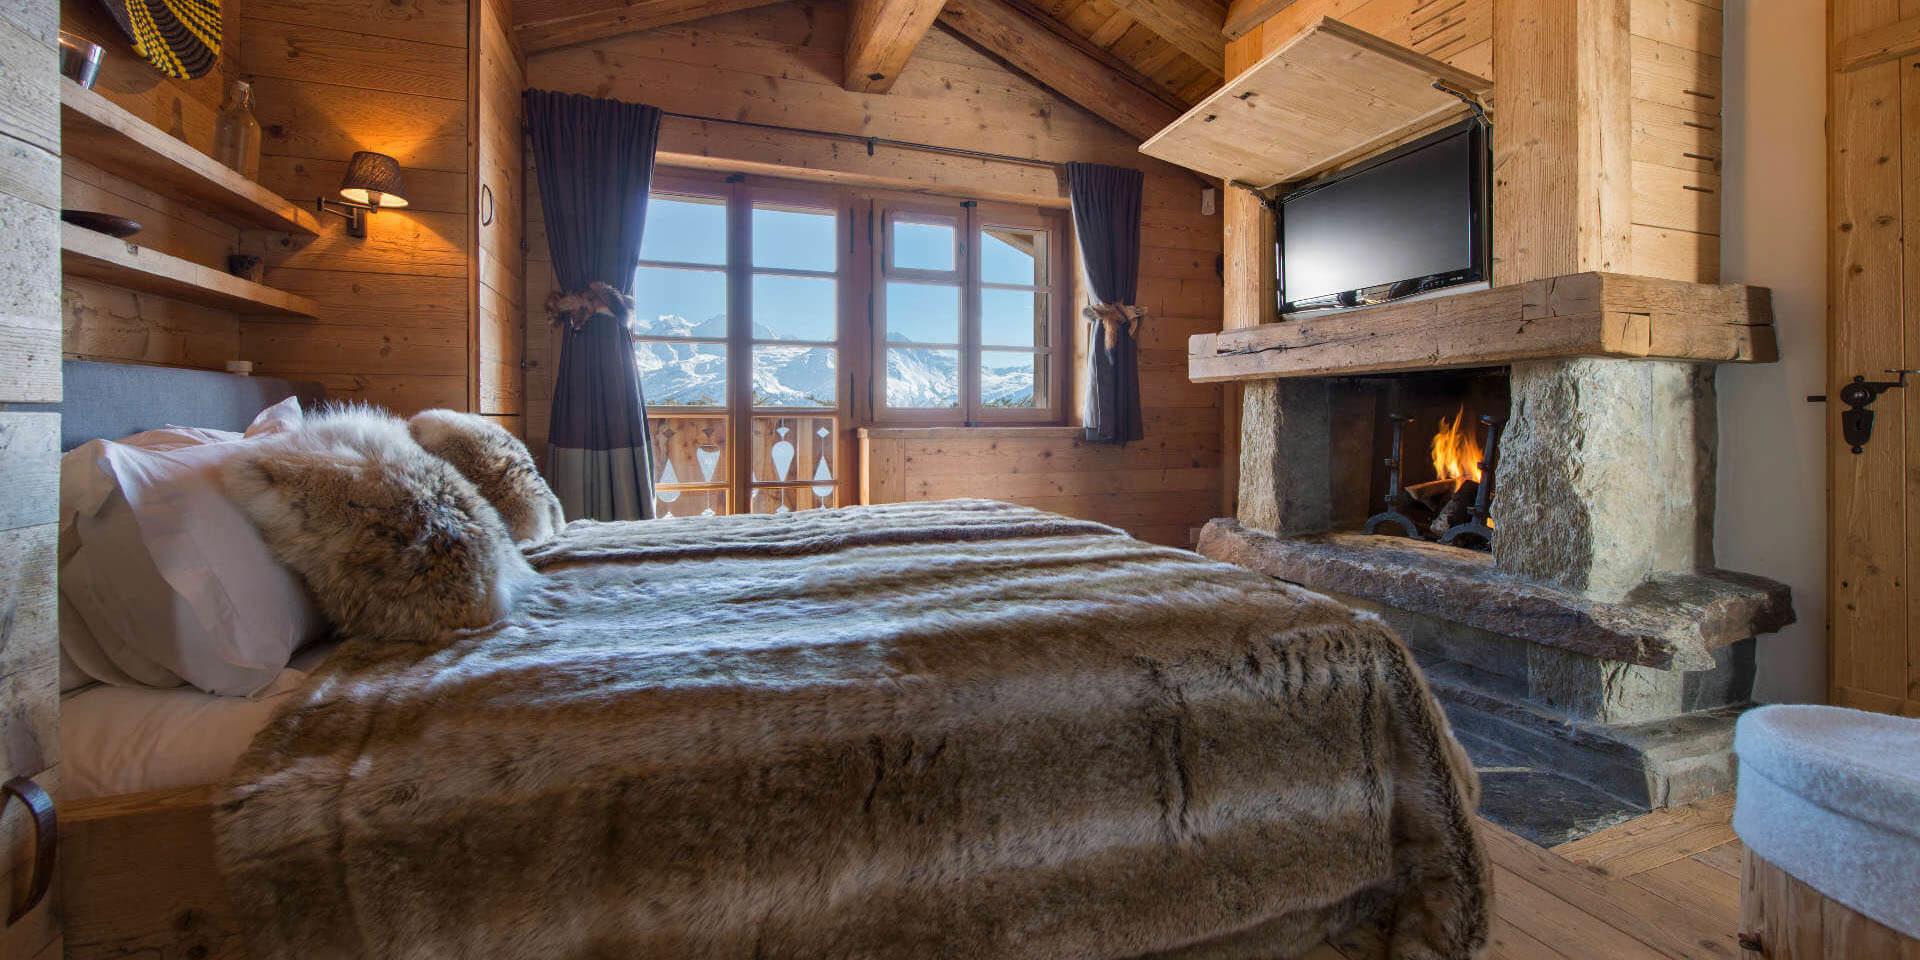 Chalet Nyumba Verbier Les 4 Vallees Zwitserland wintersport skivakantie luxe slaapkamer 2-persoonsbed open haard bedsprei hocker TV raam balkon